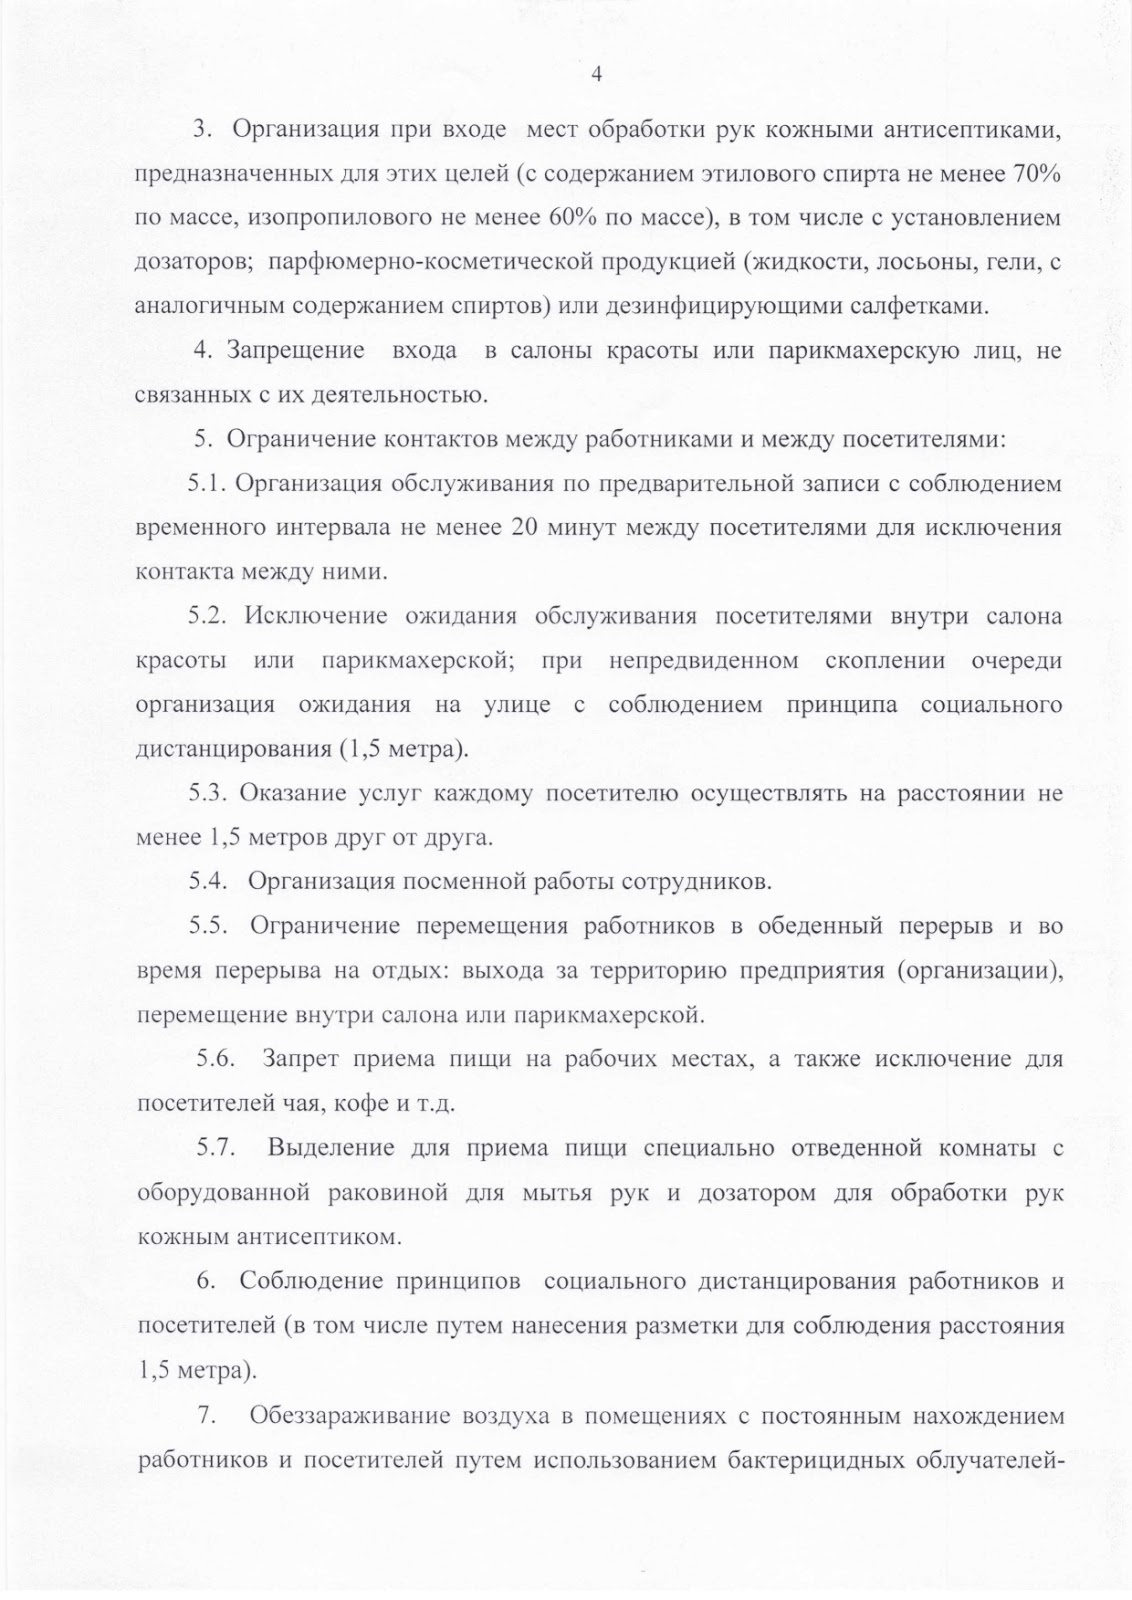 Роспотребнадзор для Салонов красоты и Парикмахерских - Рекомендации 2020 - 4